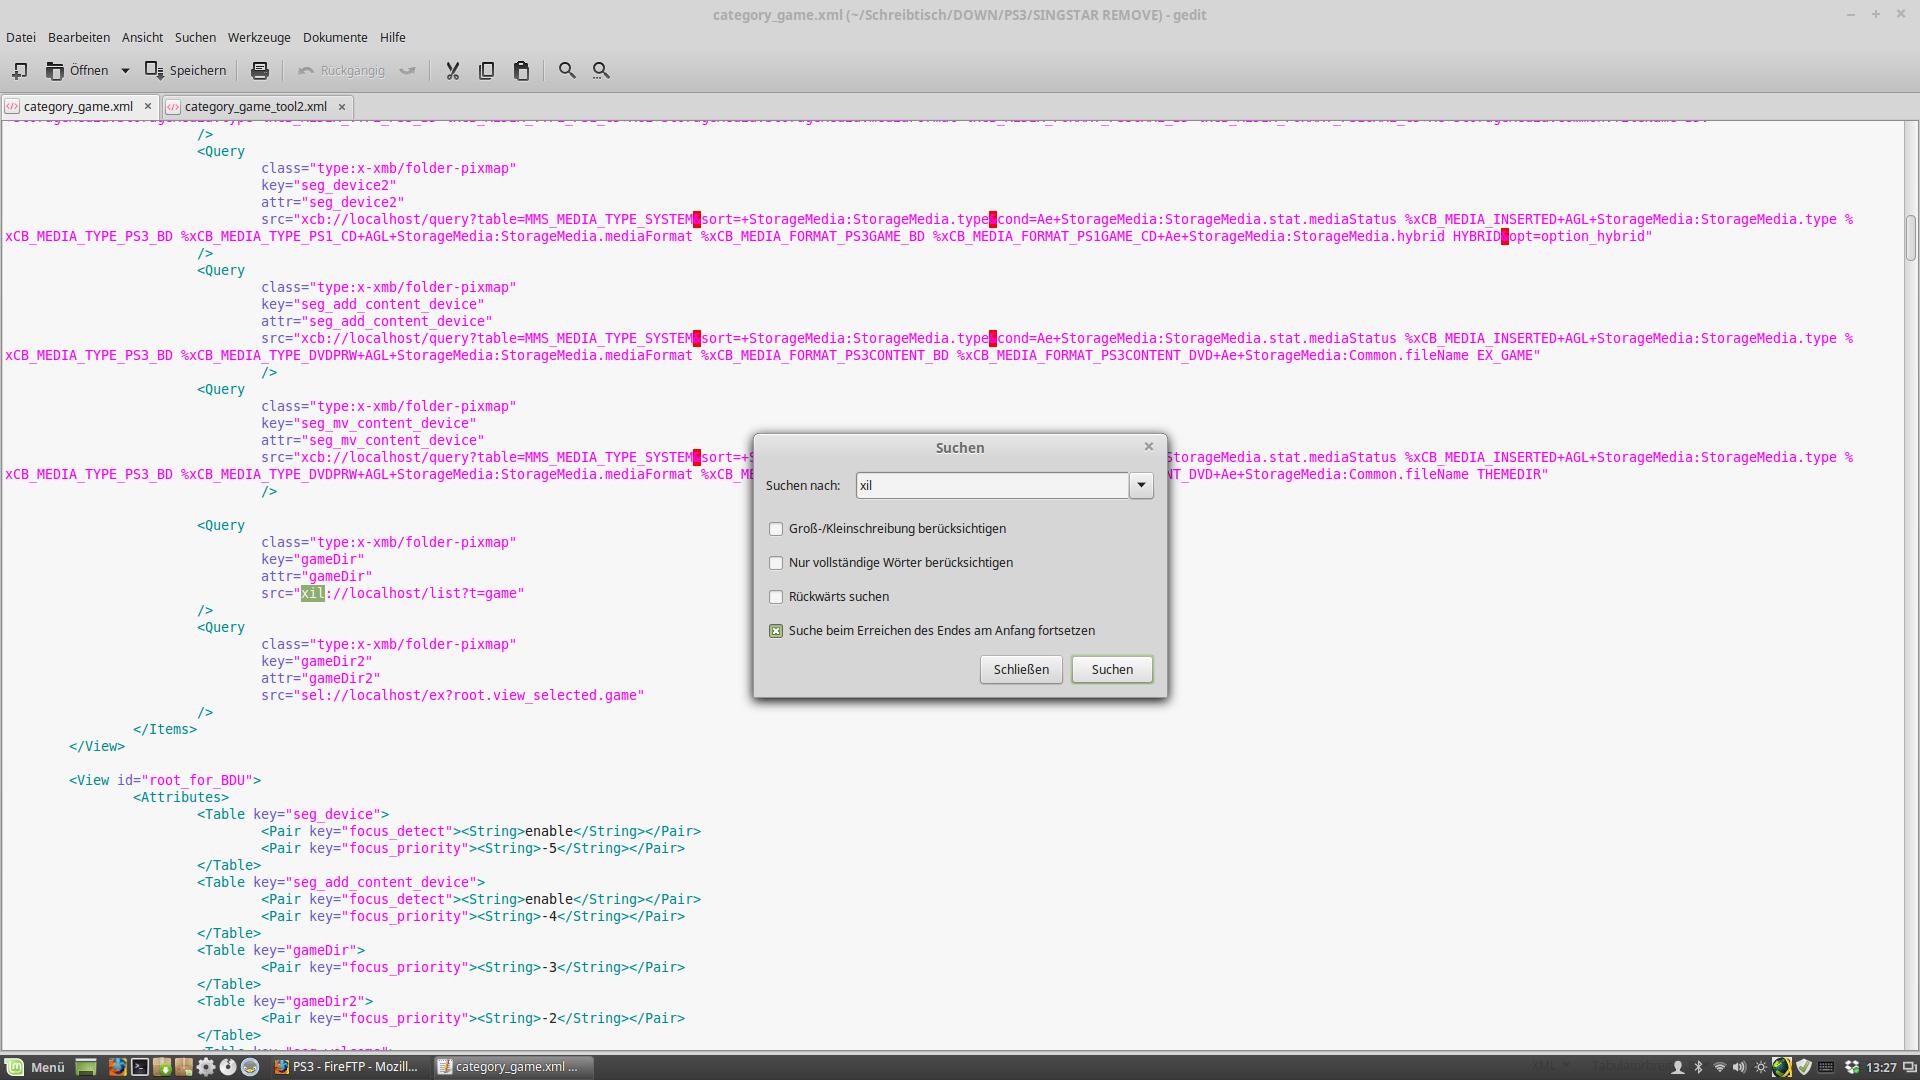 Gemütlich Fortsetzen Xml Zeitgenössisch - Beispiel Wiederaufnahme ...